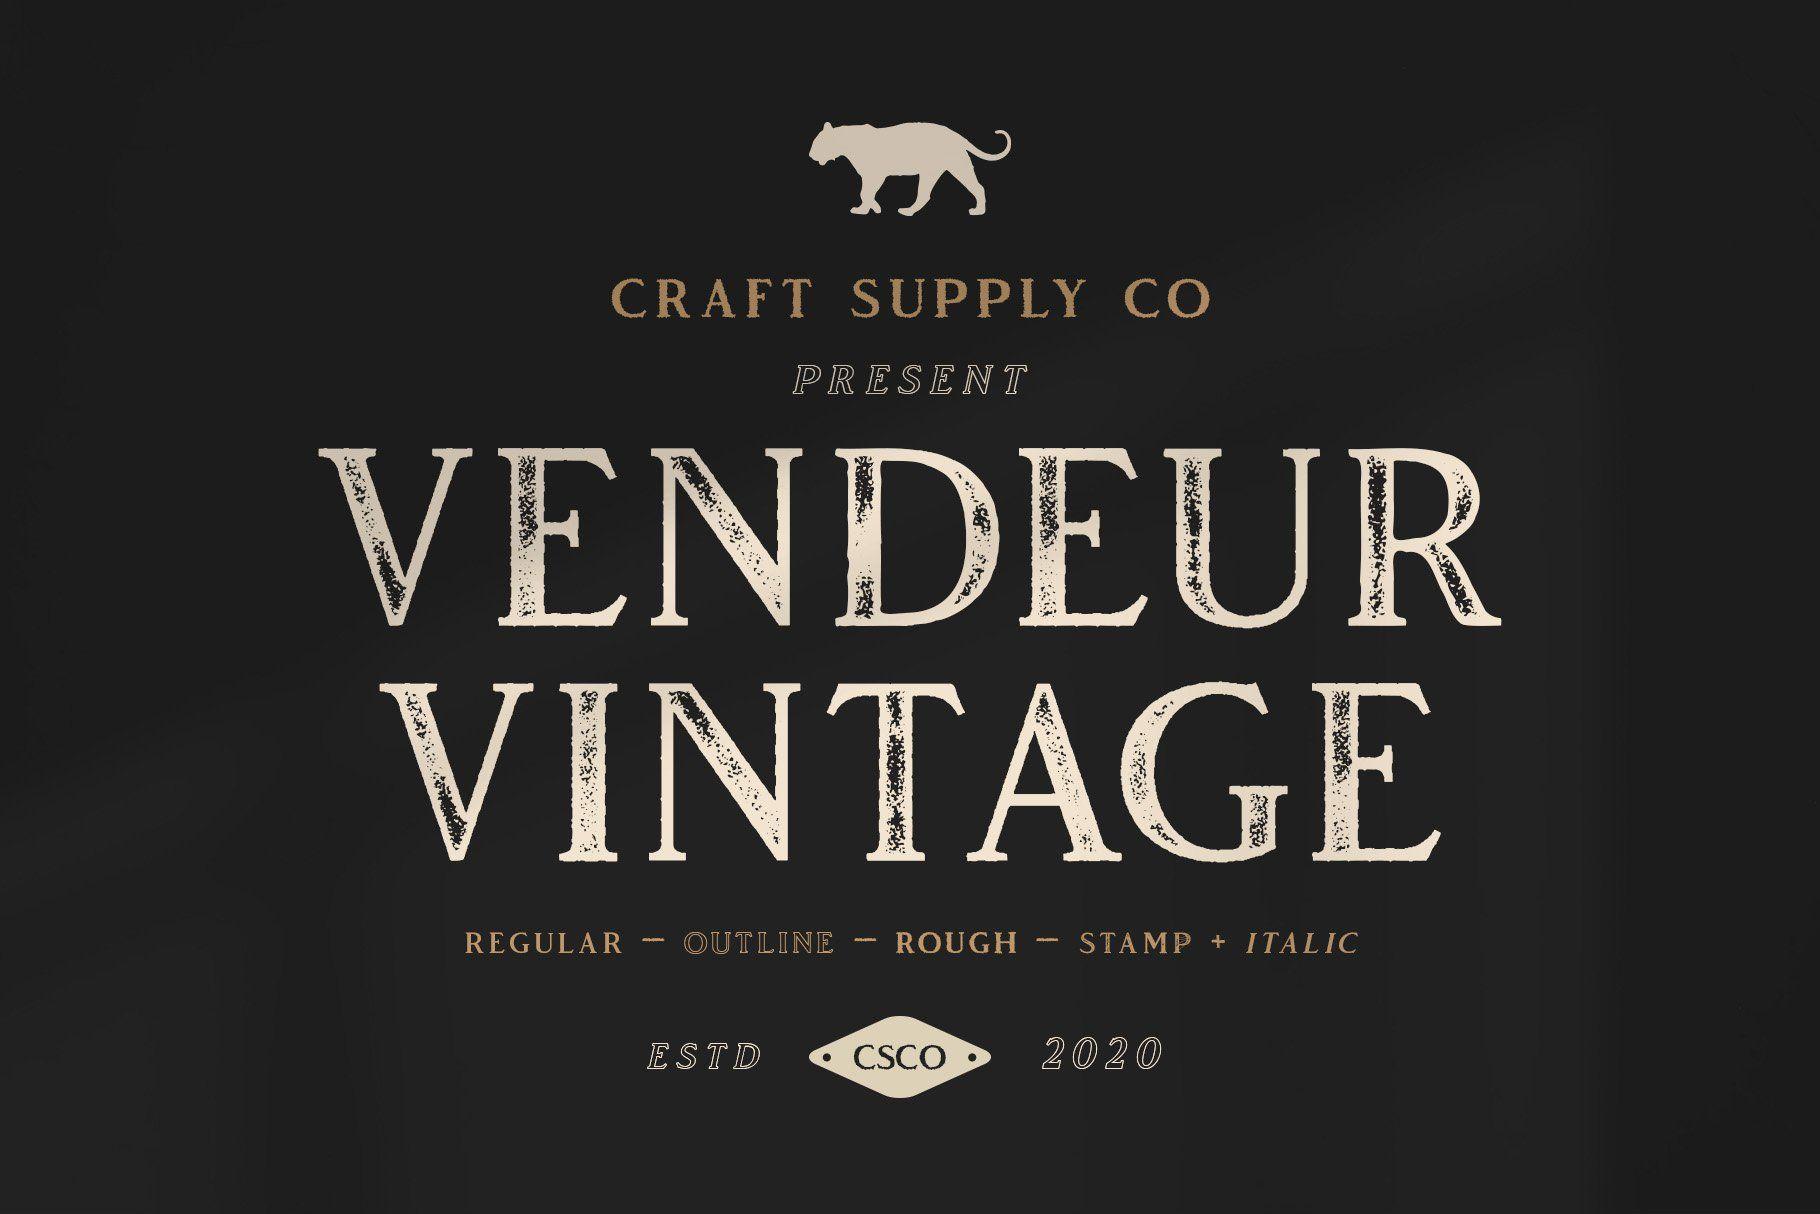 Vendeur Vintage Font Family Extras In 2020 Vintage Fonts Logo Fonts All Caps Font